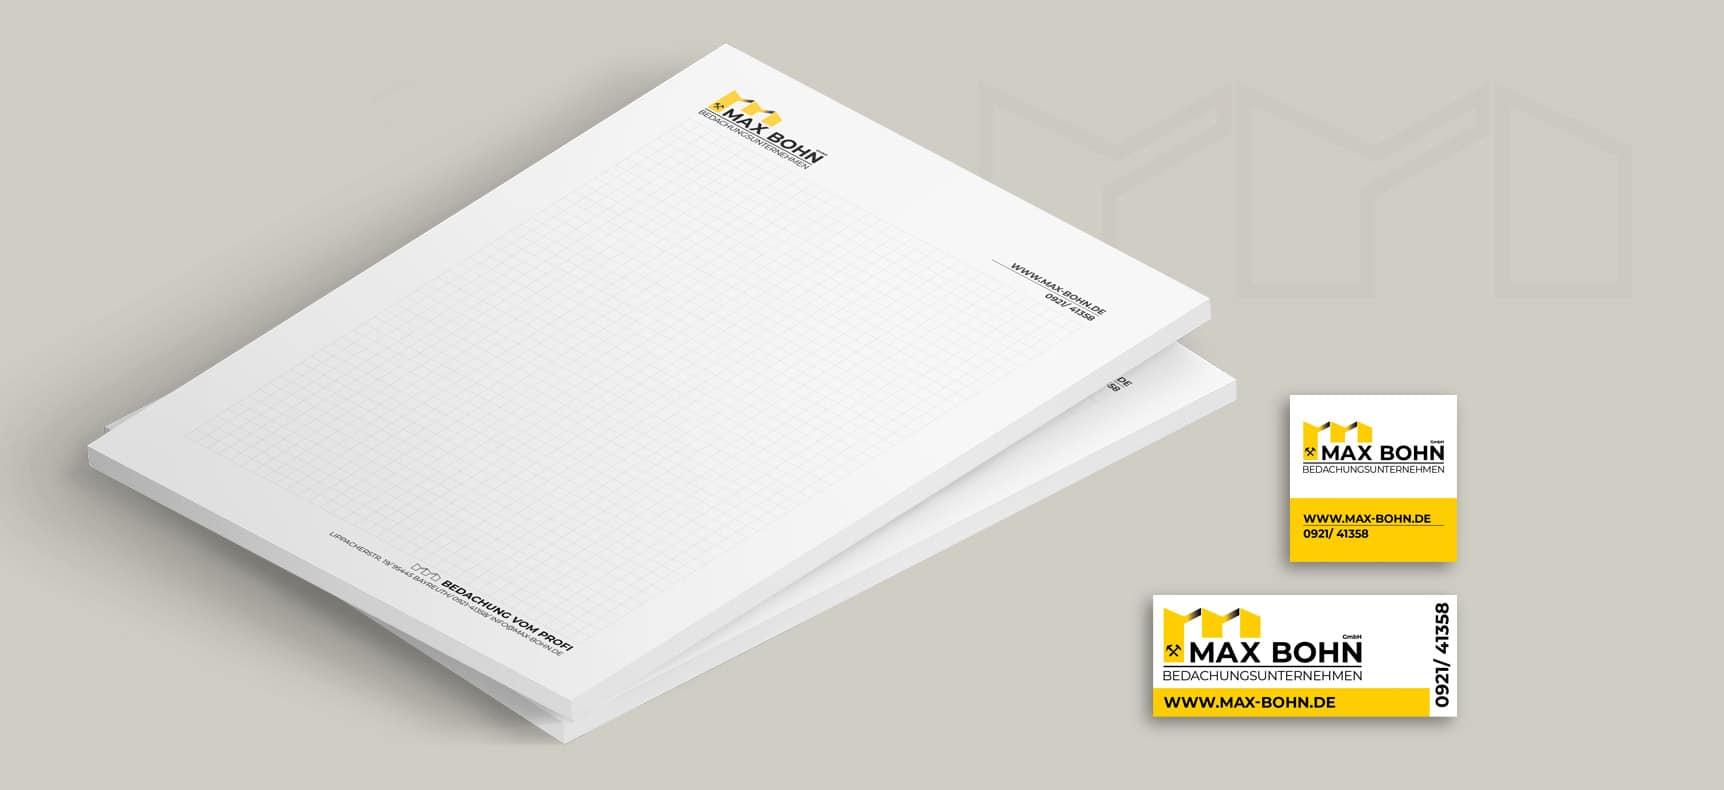 Max Bohn GmbH   Schreibblöcke, Blöcke, Maschinenaufkleber entwickelt von StatusZwo.com